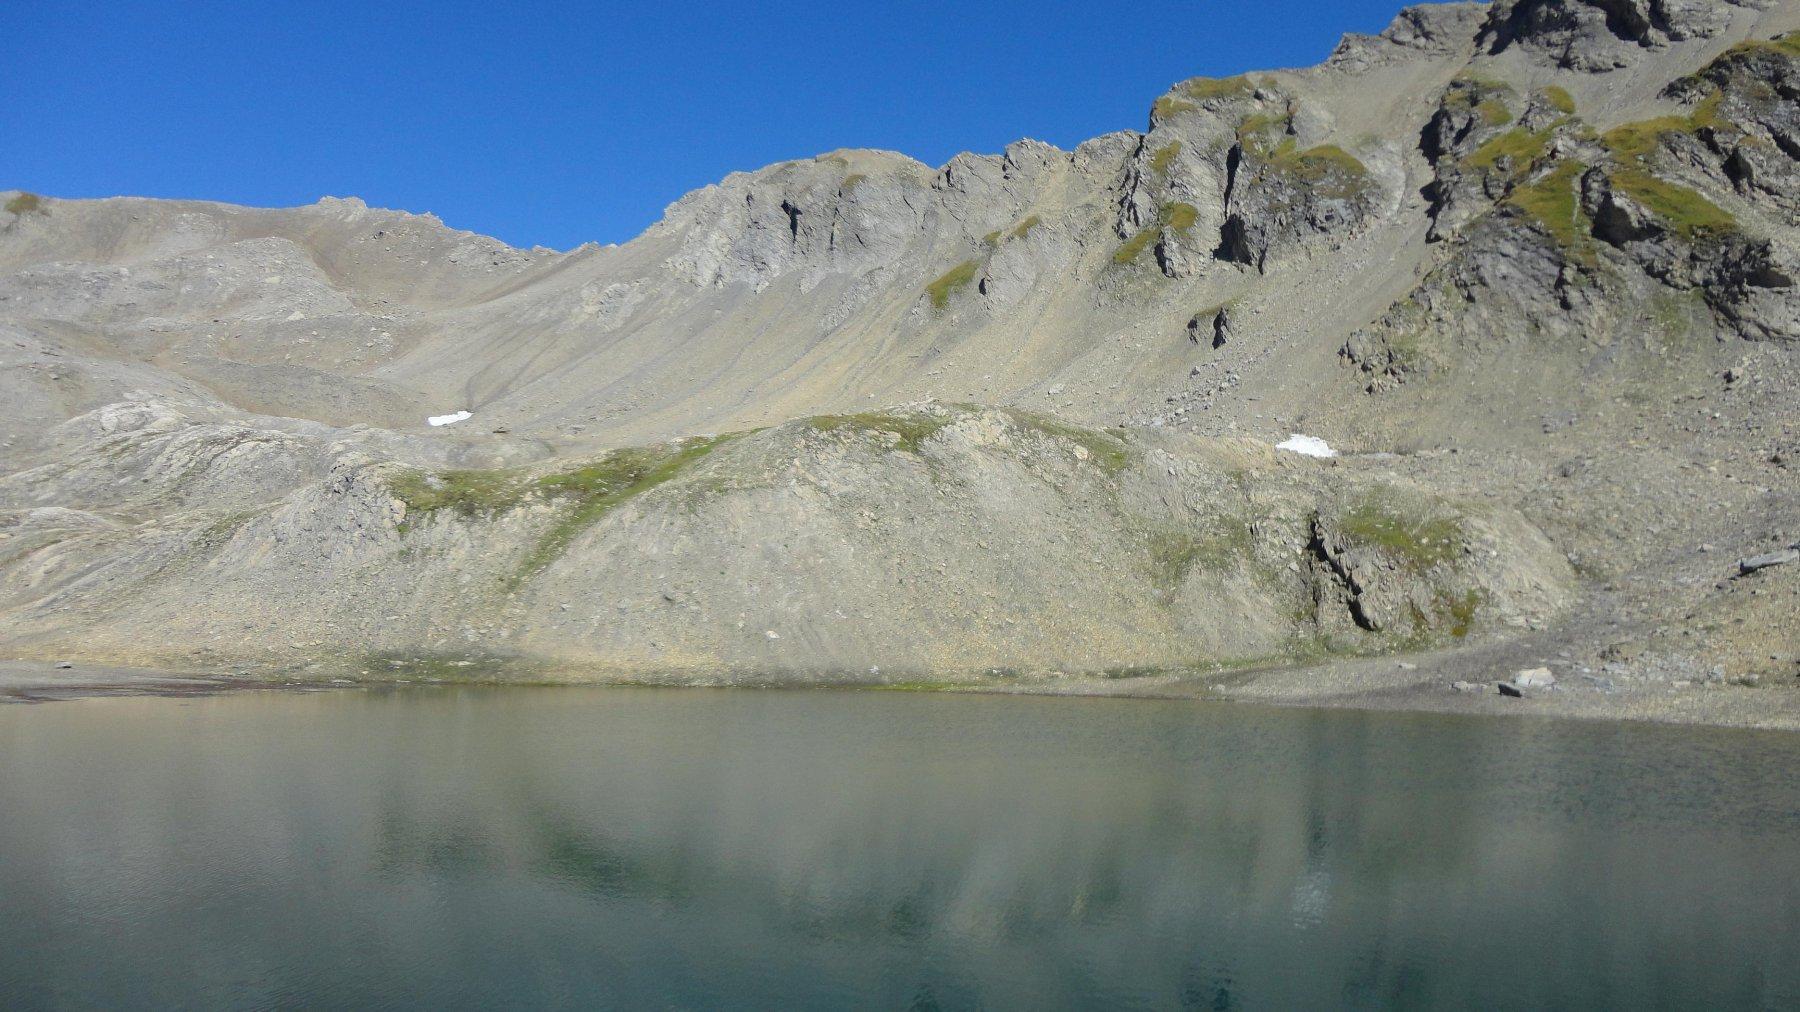 dal lago bonale' la cima a sx